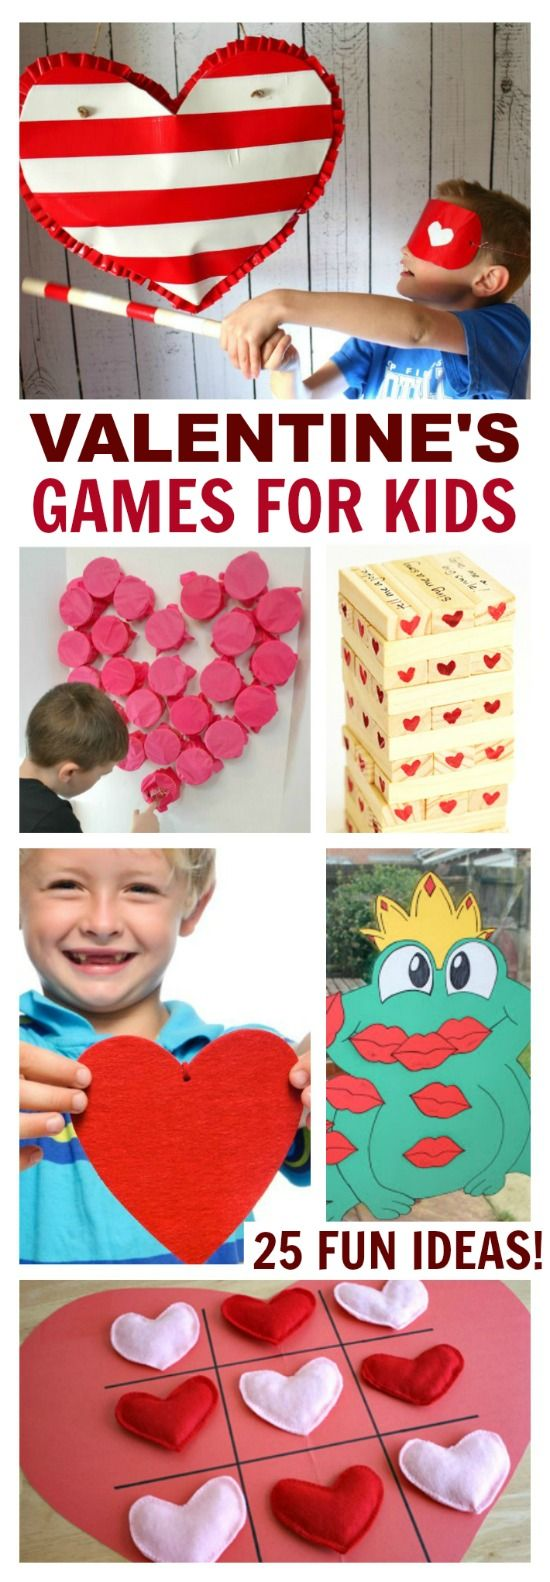 Valentines Games For Kids Valentine S Day Party Games Valentines Games Valentine Party Game